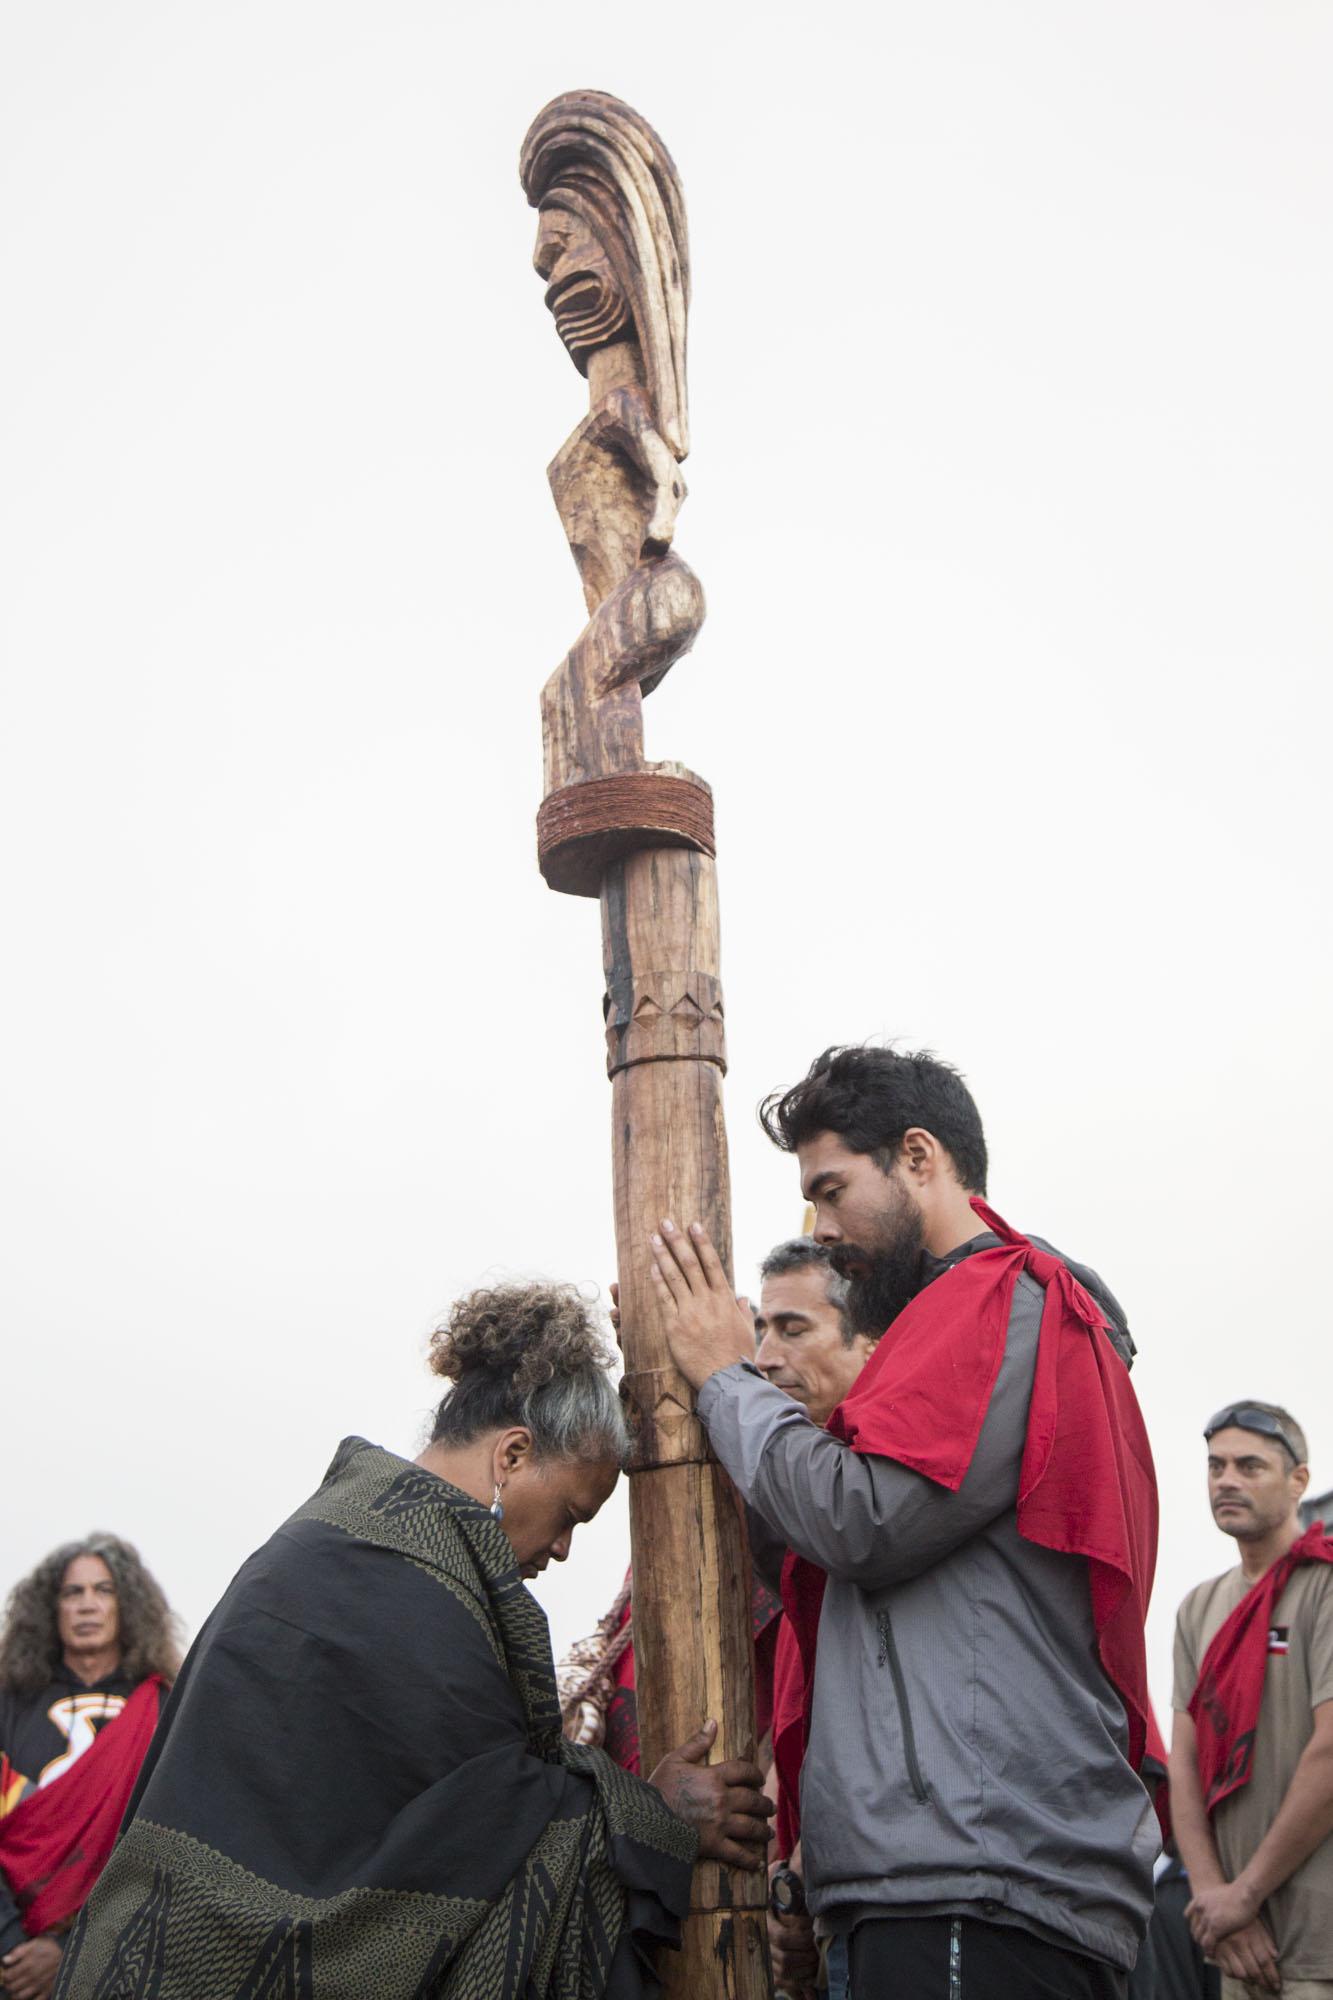 Kumu Kekuhi Kanahele gives blessing to Kūmokuhāliʻi, one of the kiʻi carved by Hui Kālai Ki'i o Kūpā'aike'e. In three days, the carvers of Hui Kālai Ki'i o Kūpā'aike'e were able to create four beautifully made ki'i named Huluhulu, Kāne, Kūmokuhāliʻi, and Wahinenohokapu. They were gifted to new Kahu, Kahoʻokahi Kanuha, Lanakila Manguail, Kualiʻi Camara, and Pua Case, through a mō ka piko ceremony on August 12, 2019.